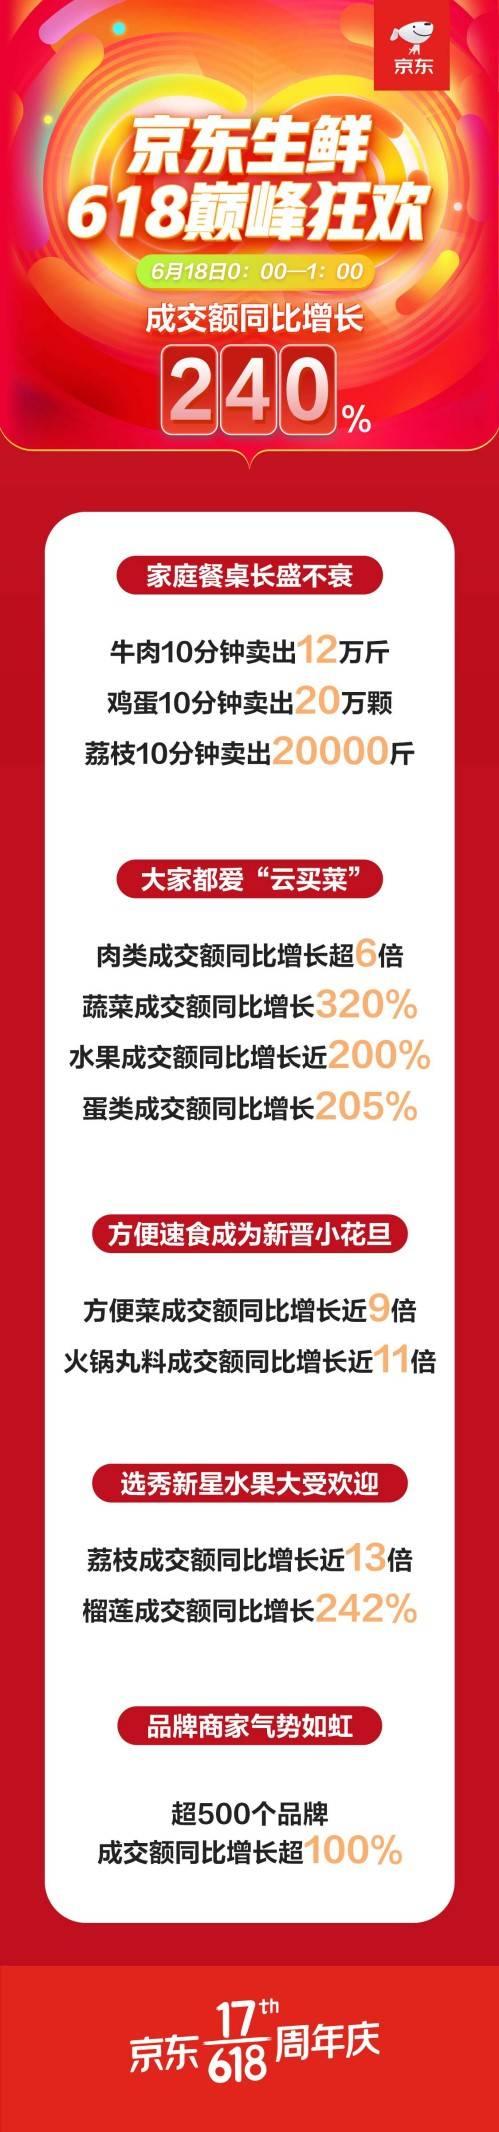 民生需求在主场爆发!618开场1小时京东生鲜蔬菜品类成交额同比增长320%